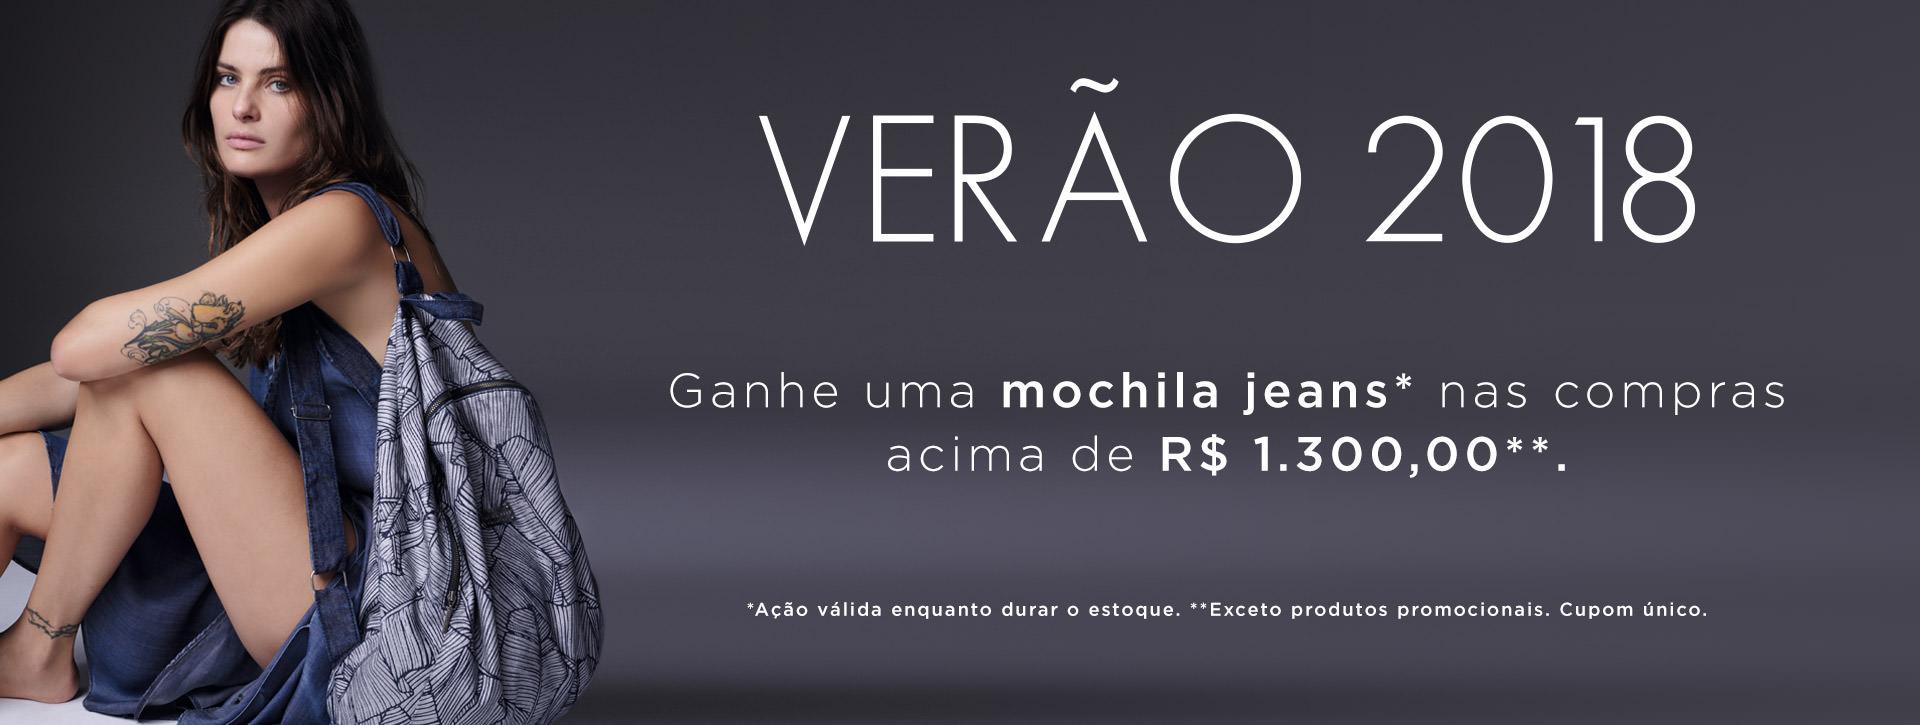 VERÃO 2018 Mochila